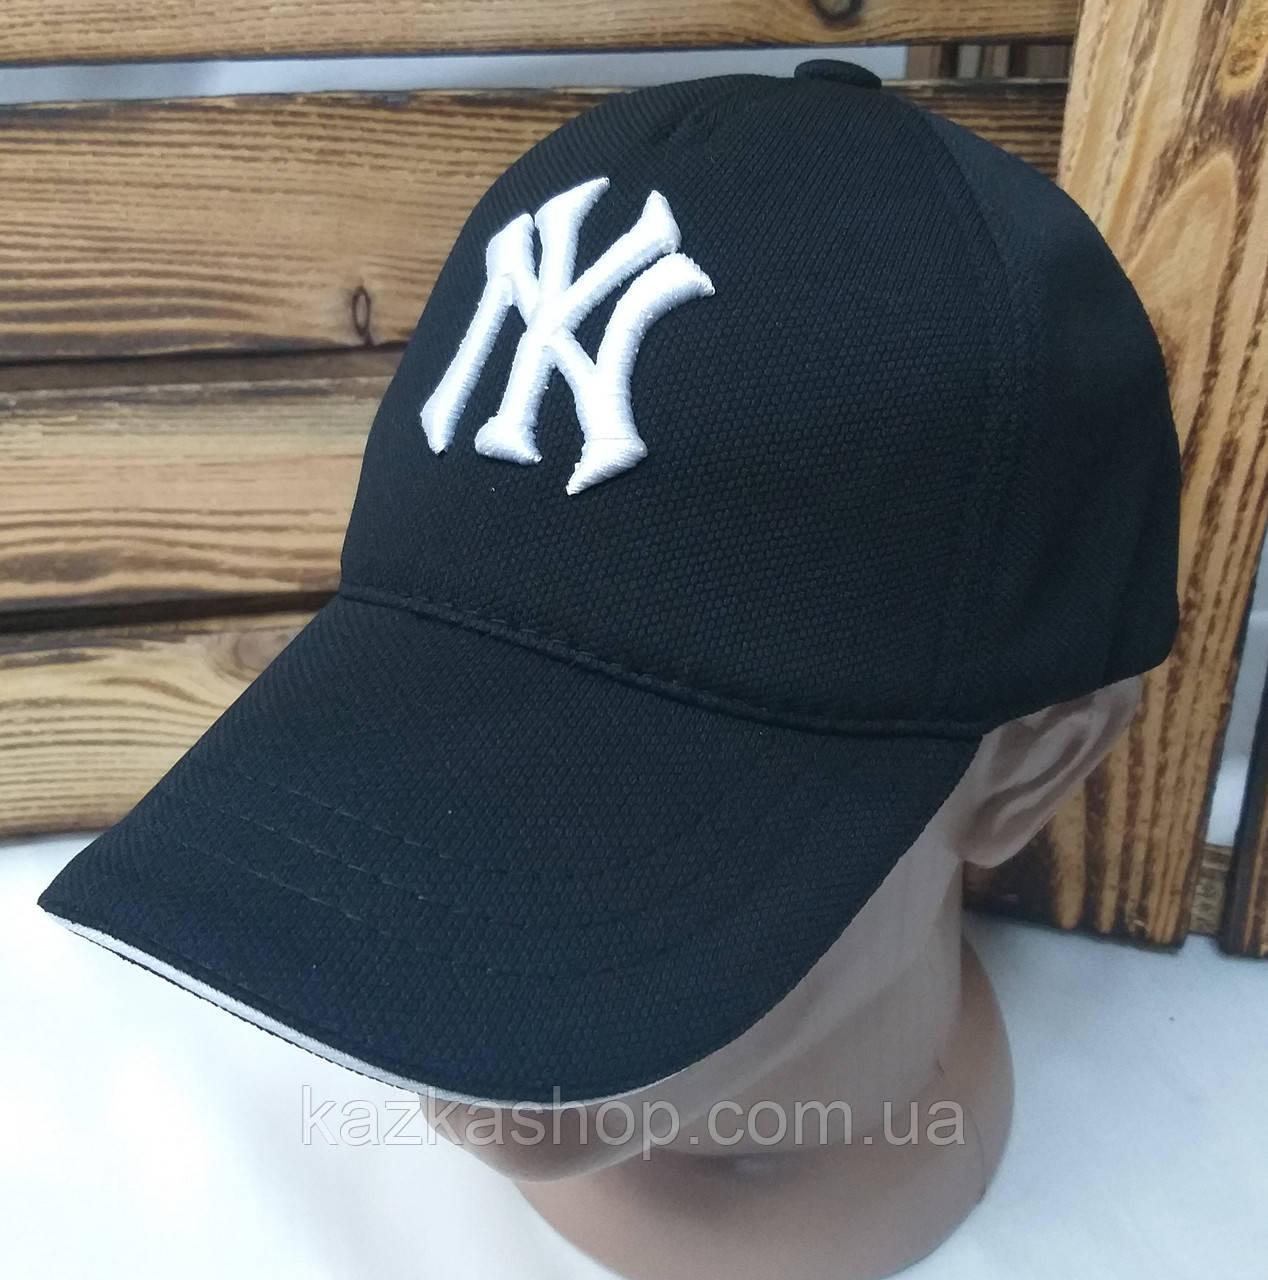 Мужская кепка New York черного цвета, материал лакоста, сезон весна-лето, большая вышивка, на регуляторе